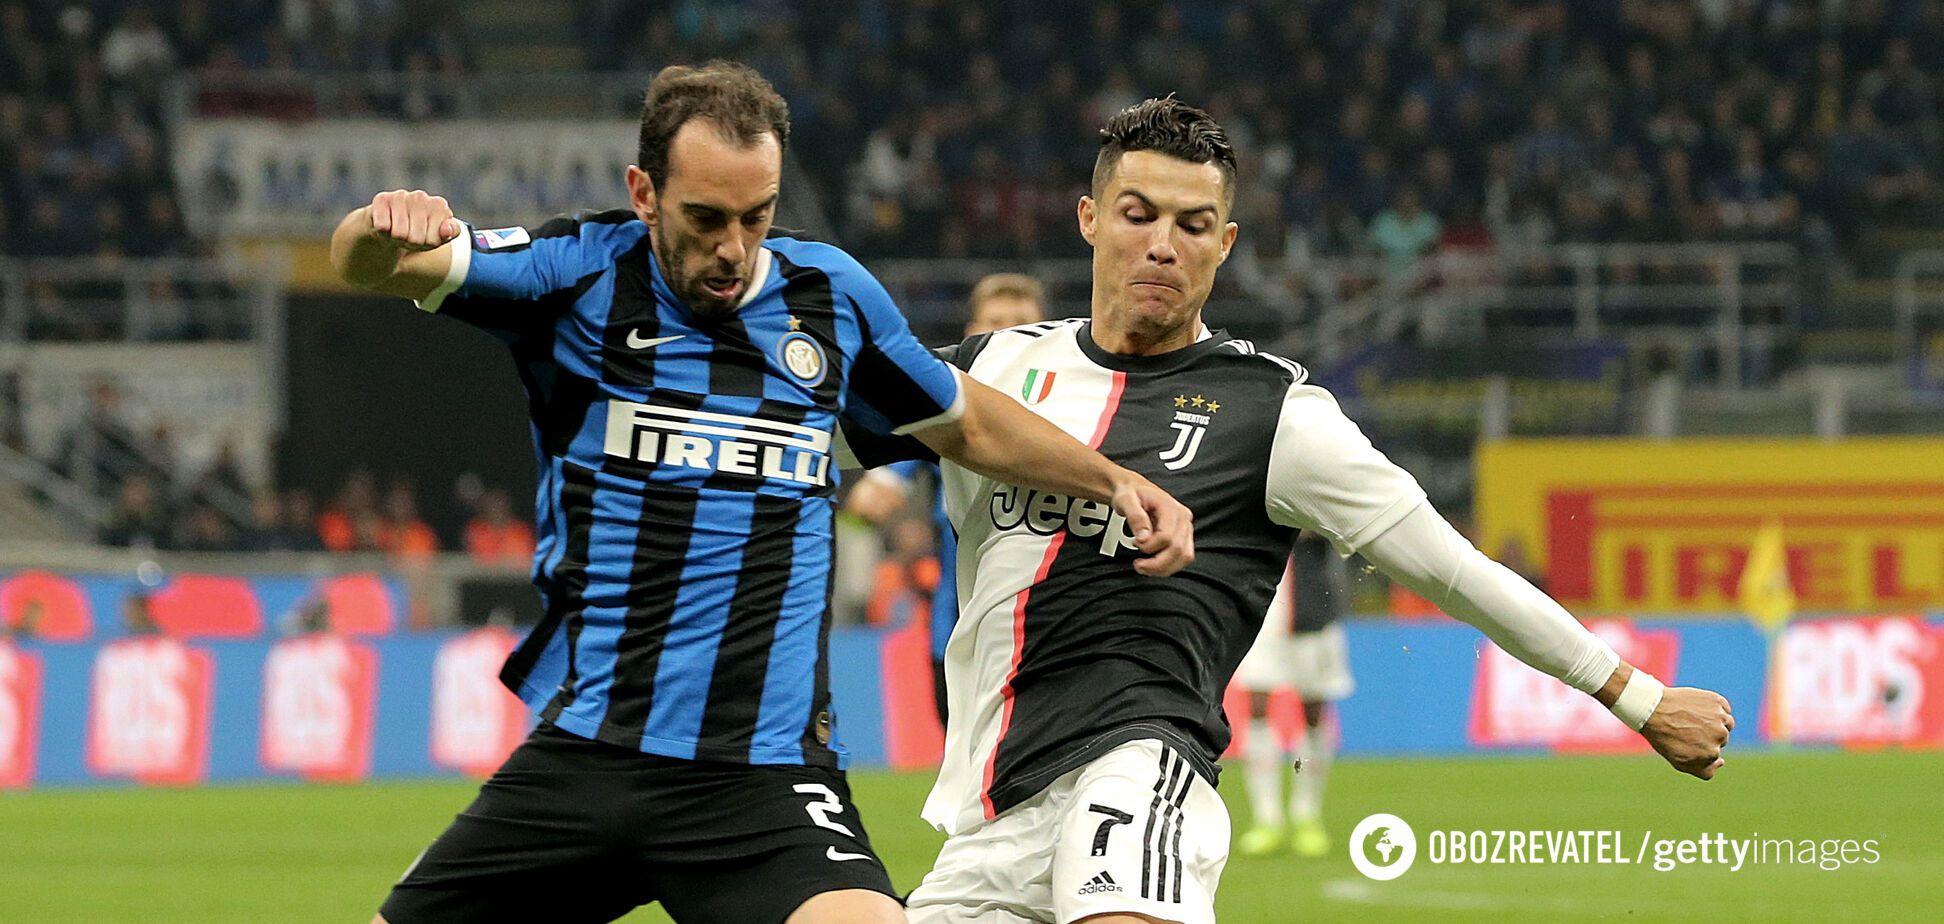 Майже 20 мільйонів євро: яких збитків зазнають клуби в чемпіонаті Італії через коронавірус